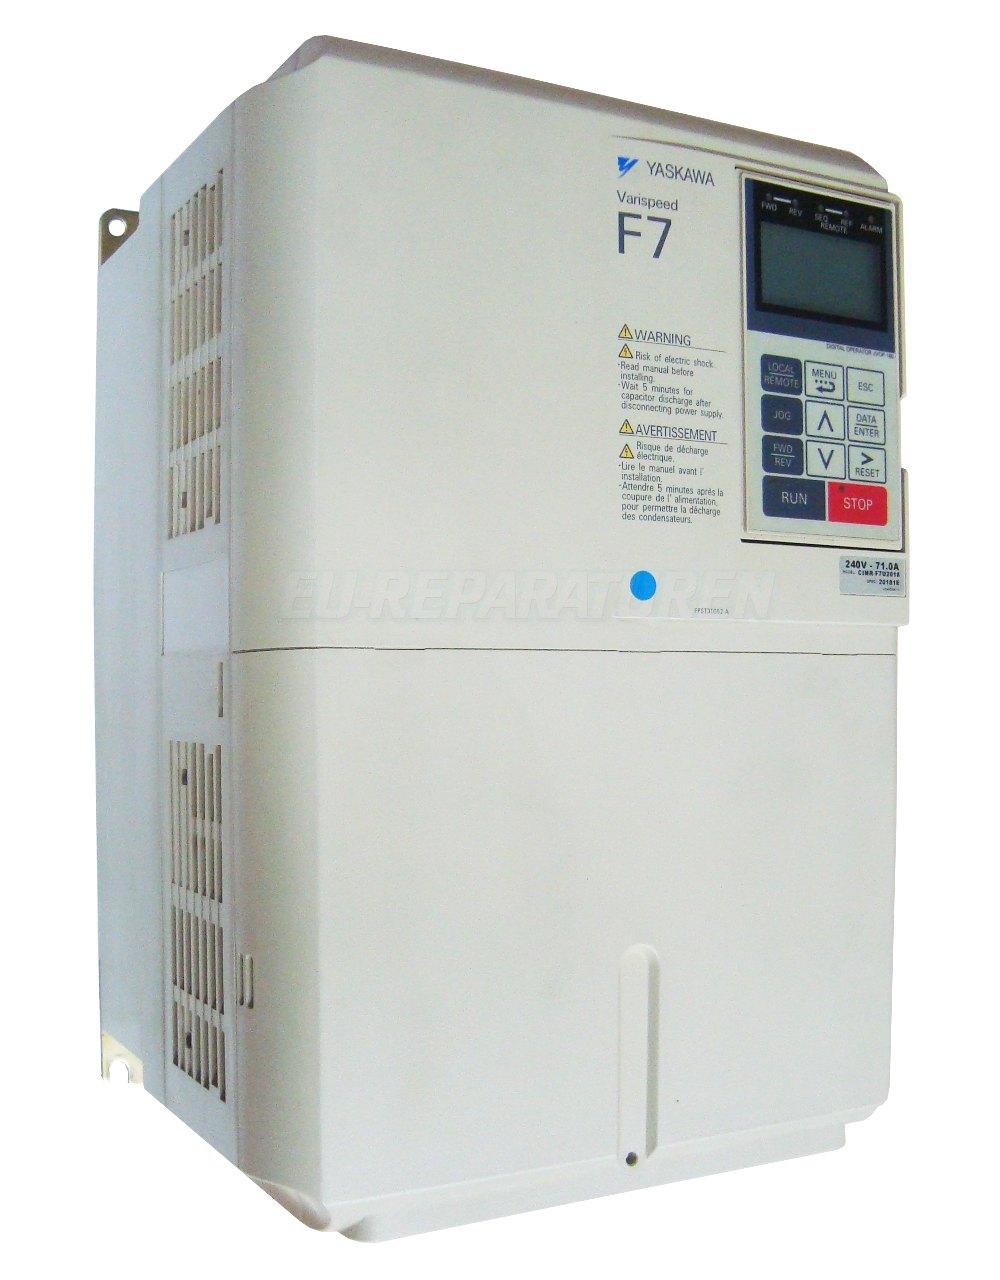 Reparatur Yaskawa CIMR-F7U2018 AC DRIVE